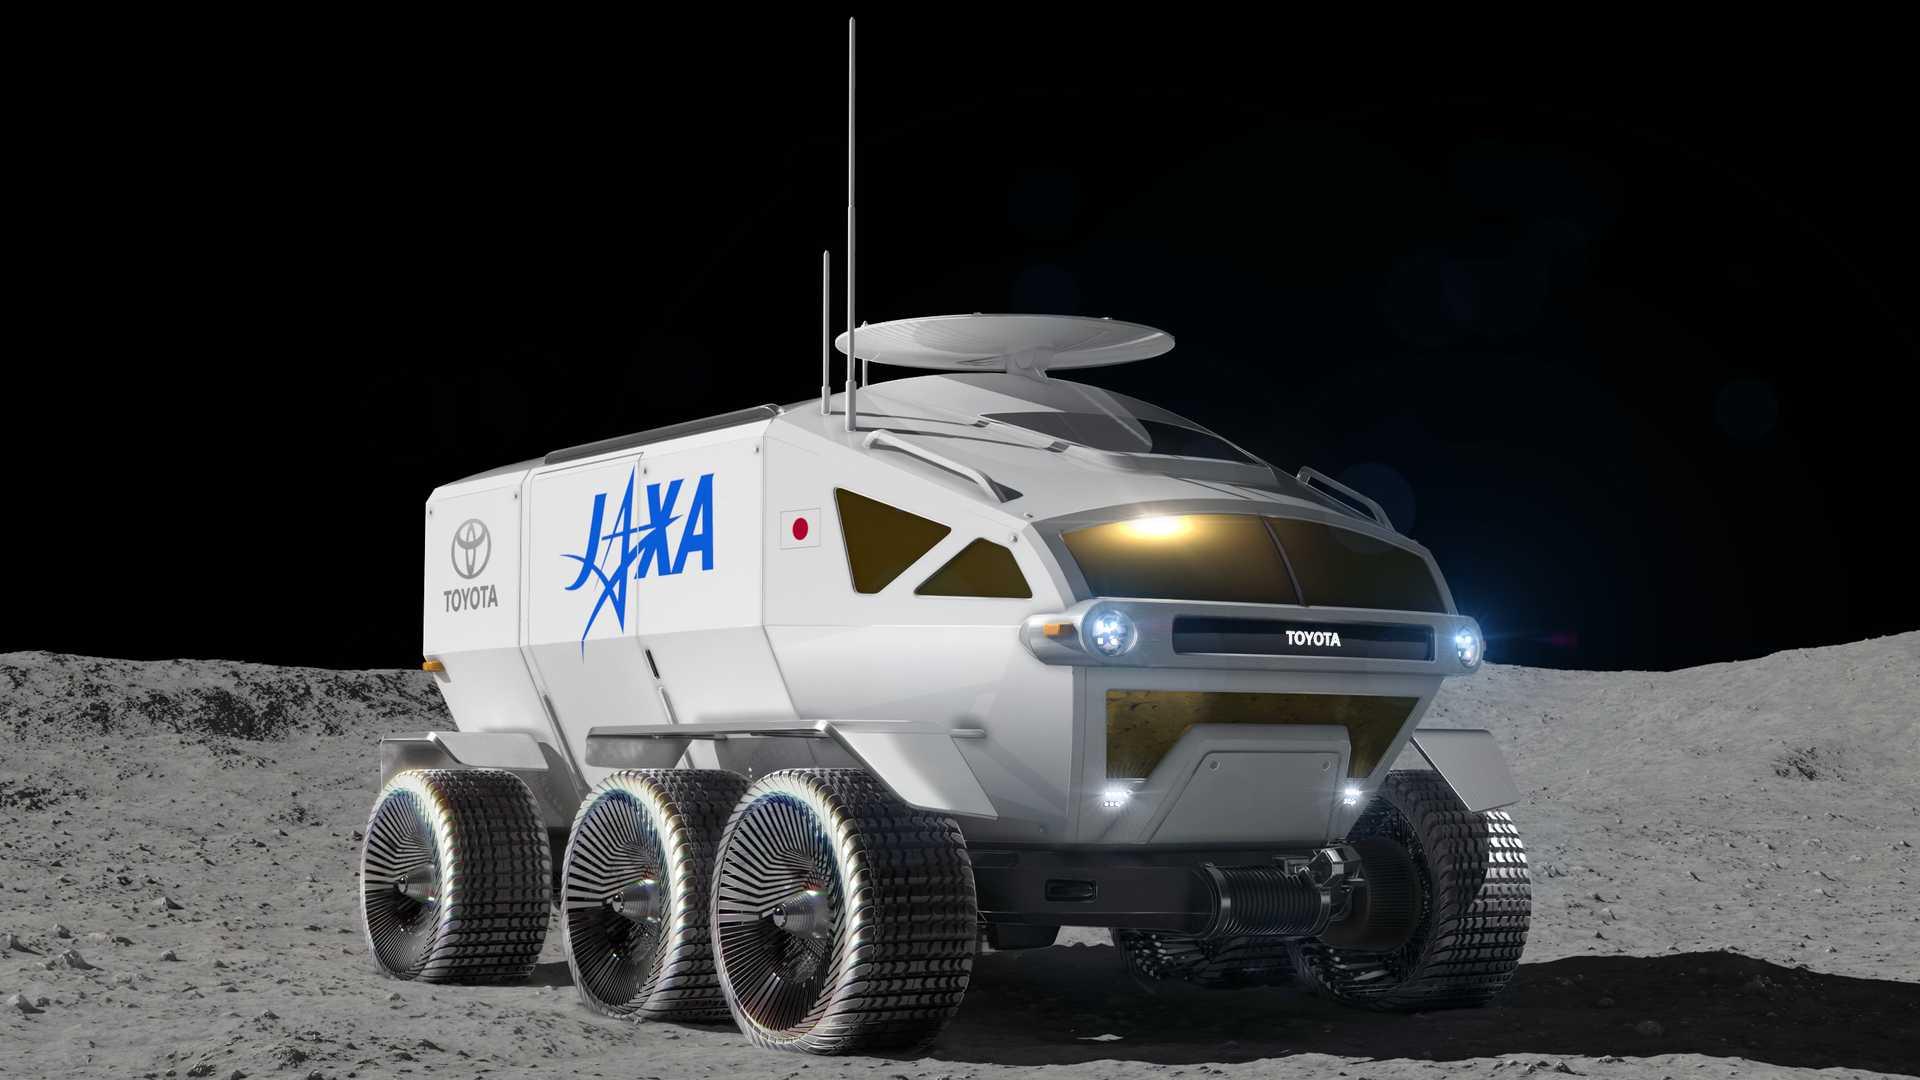 Toyota razvija vozilo za kretanje po Mesecu i Marsu (GALERIJA)